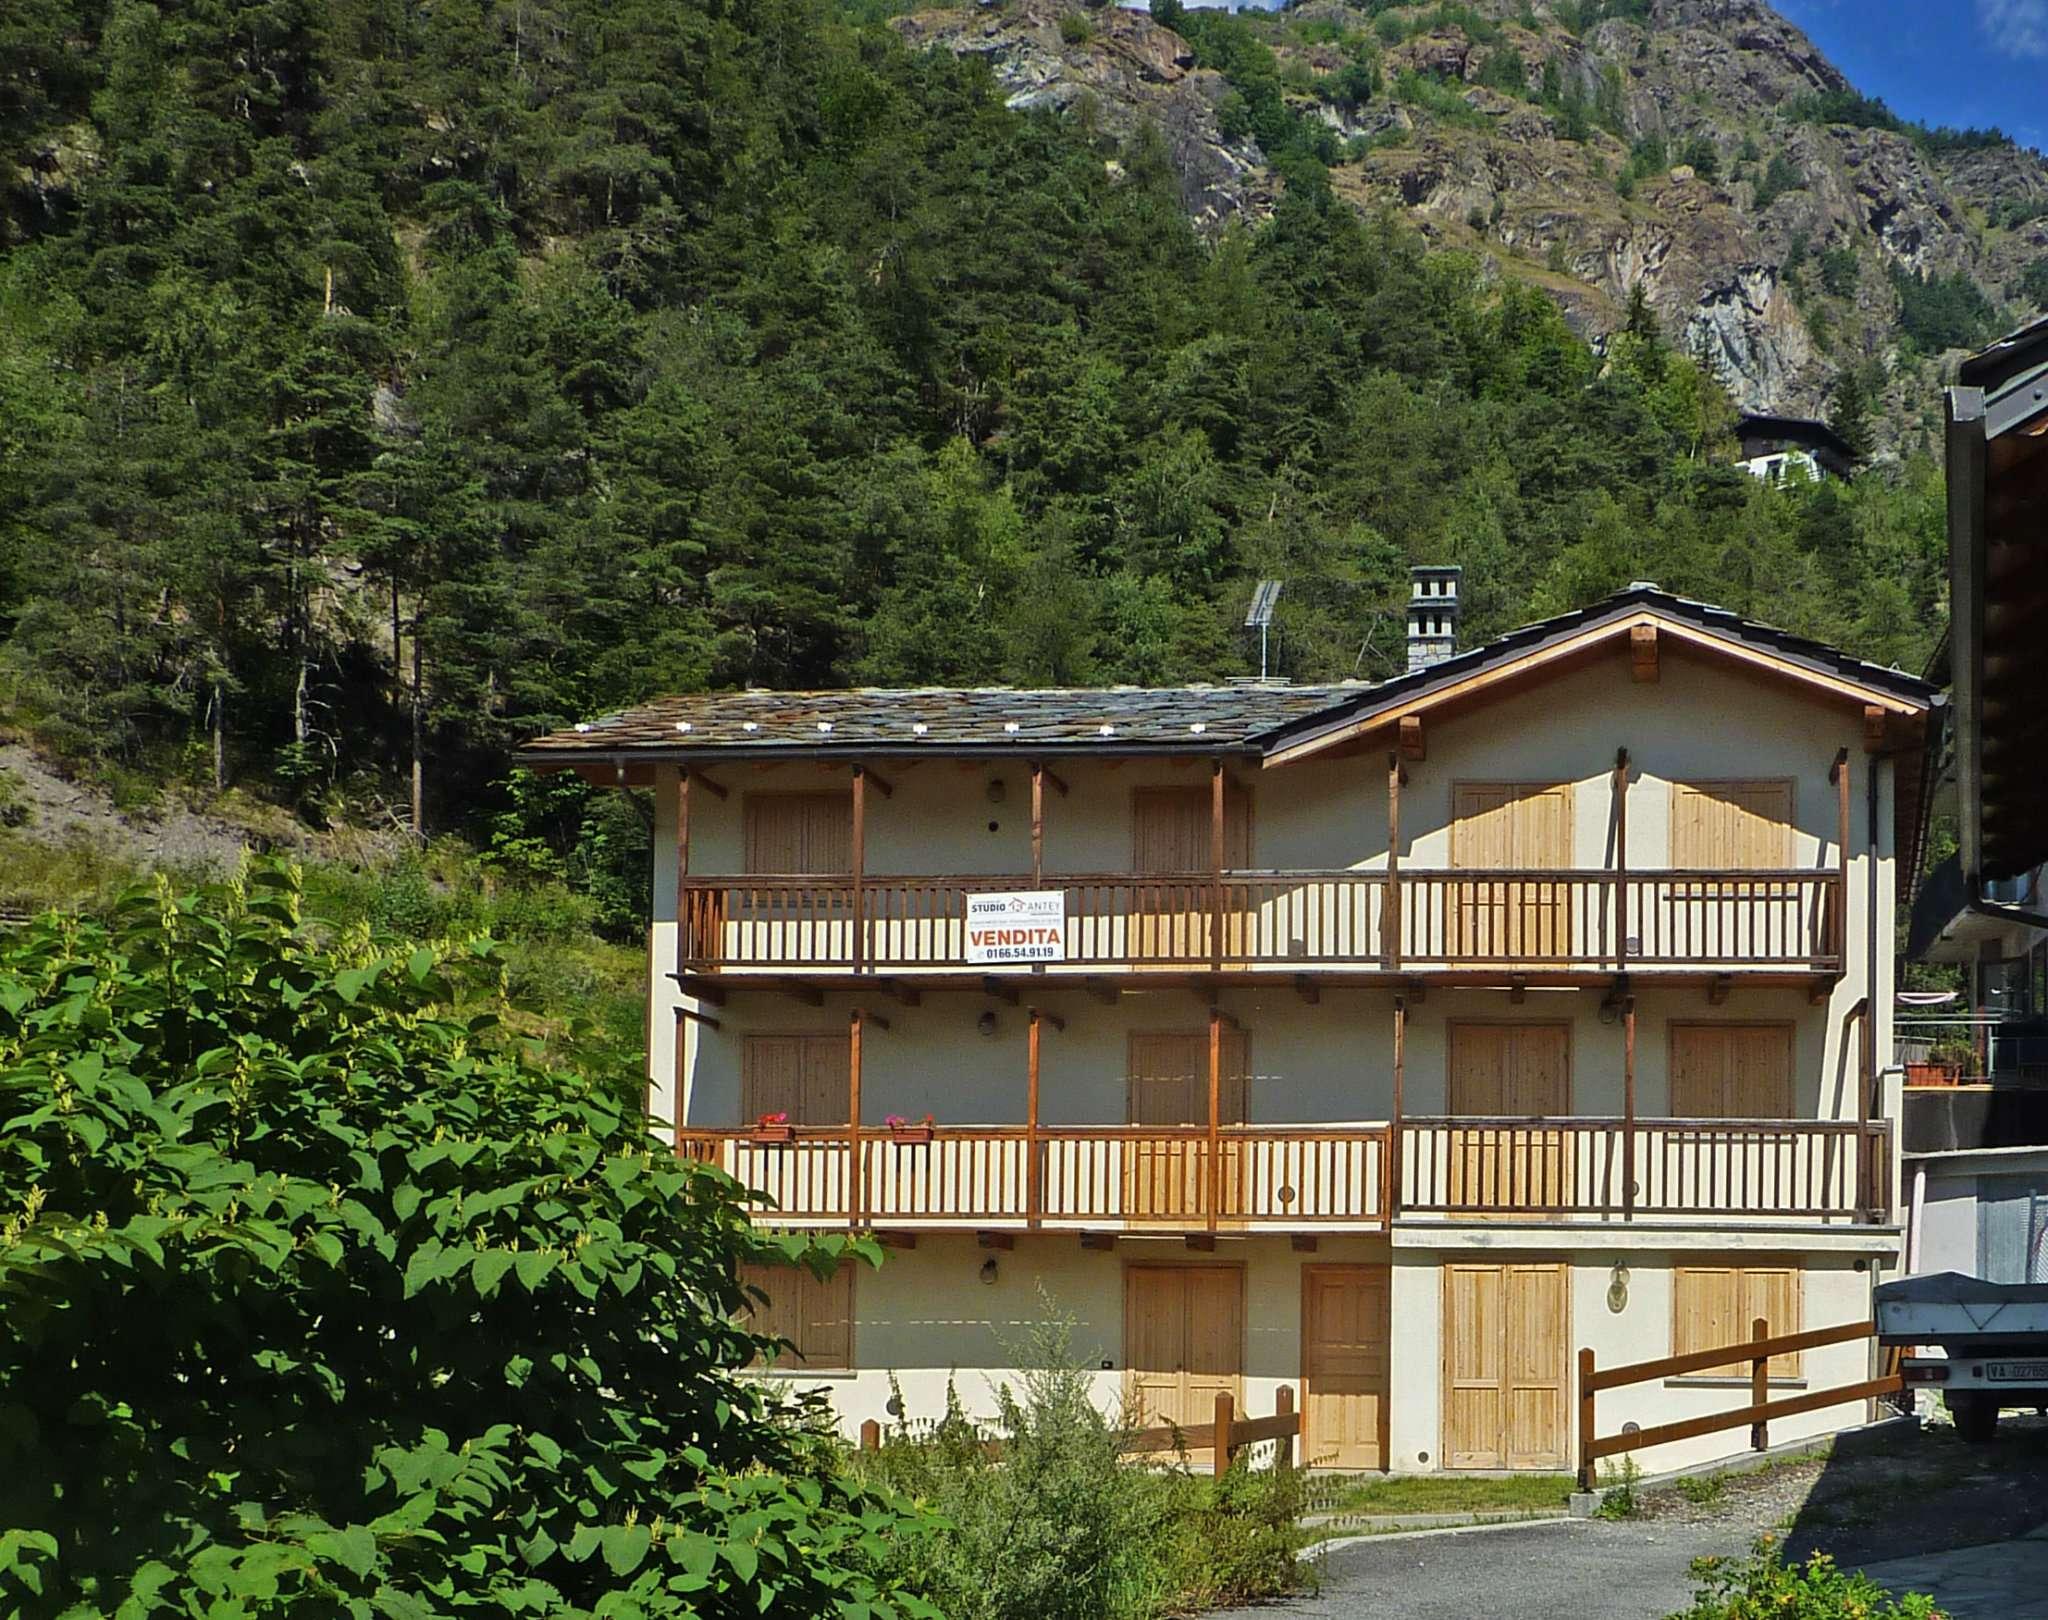 Appartamento in vendita a Antey-Saint-Andrè, 2 locali, prezzo € 194.000 | Cambio Casa.it